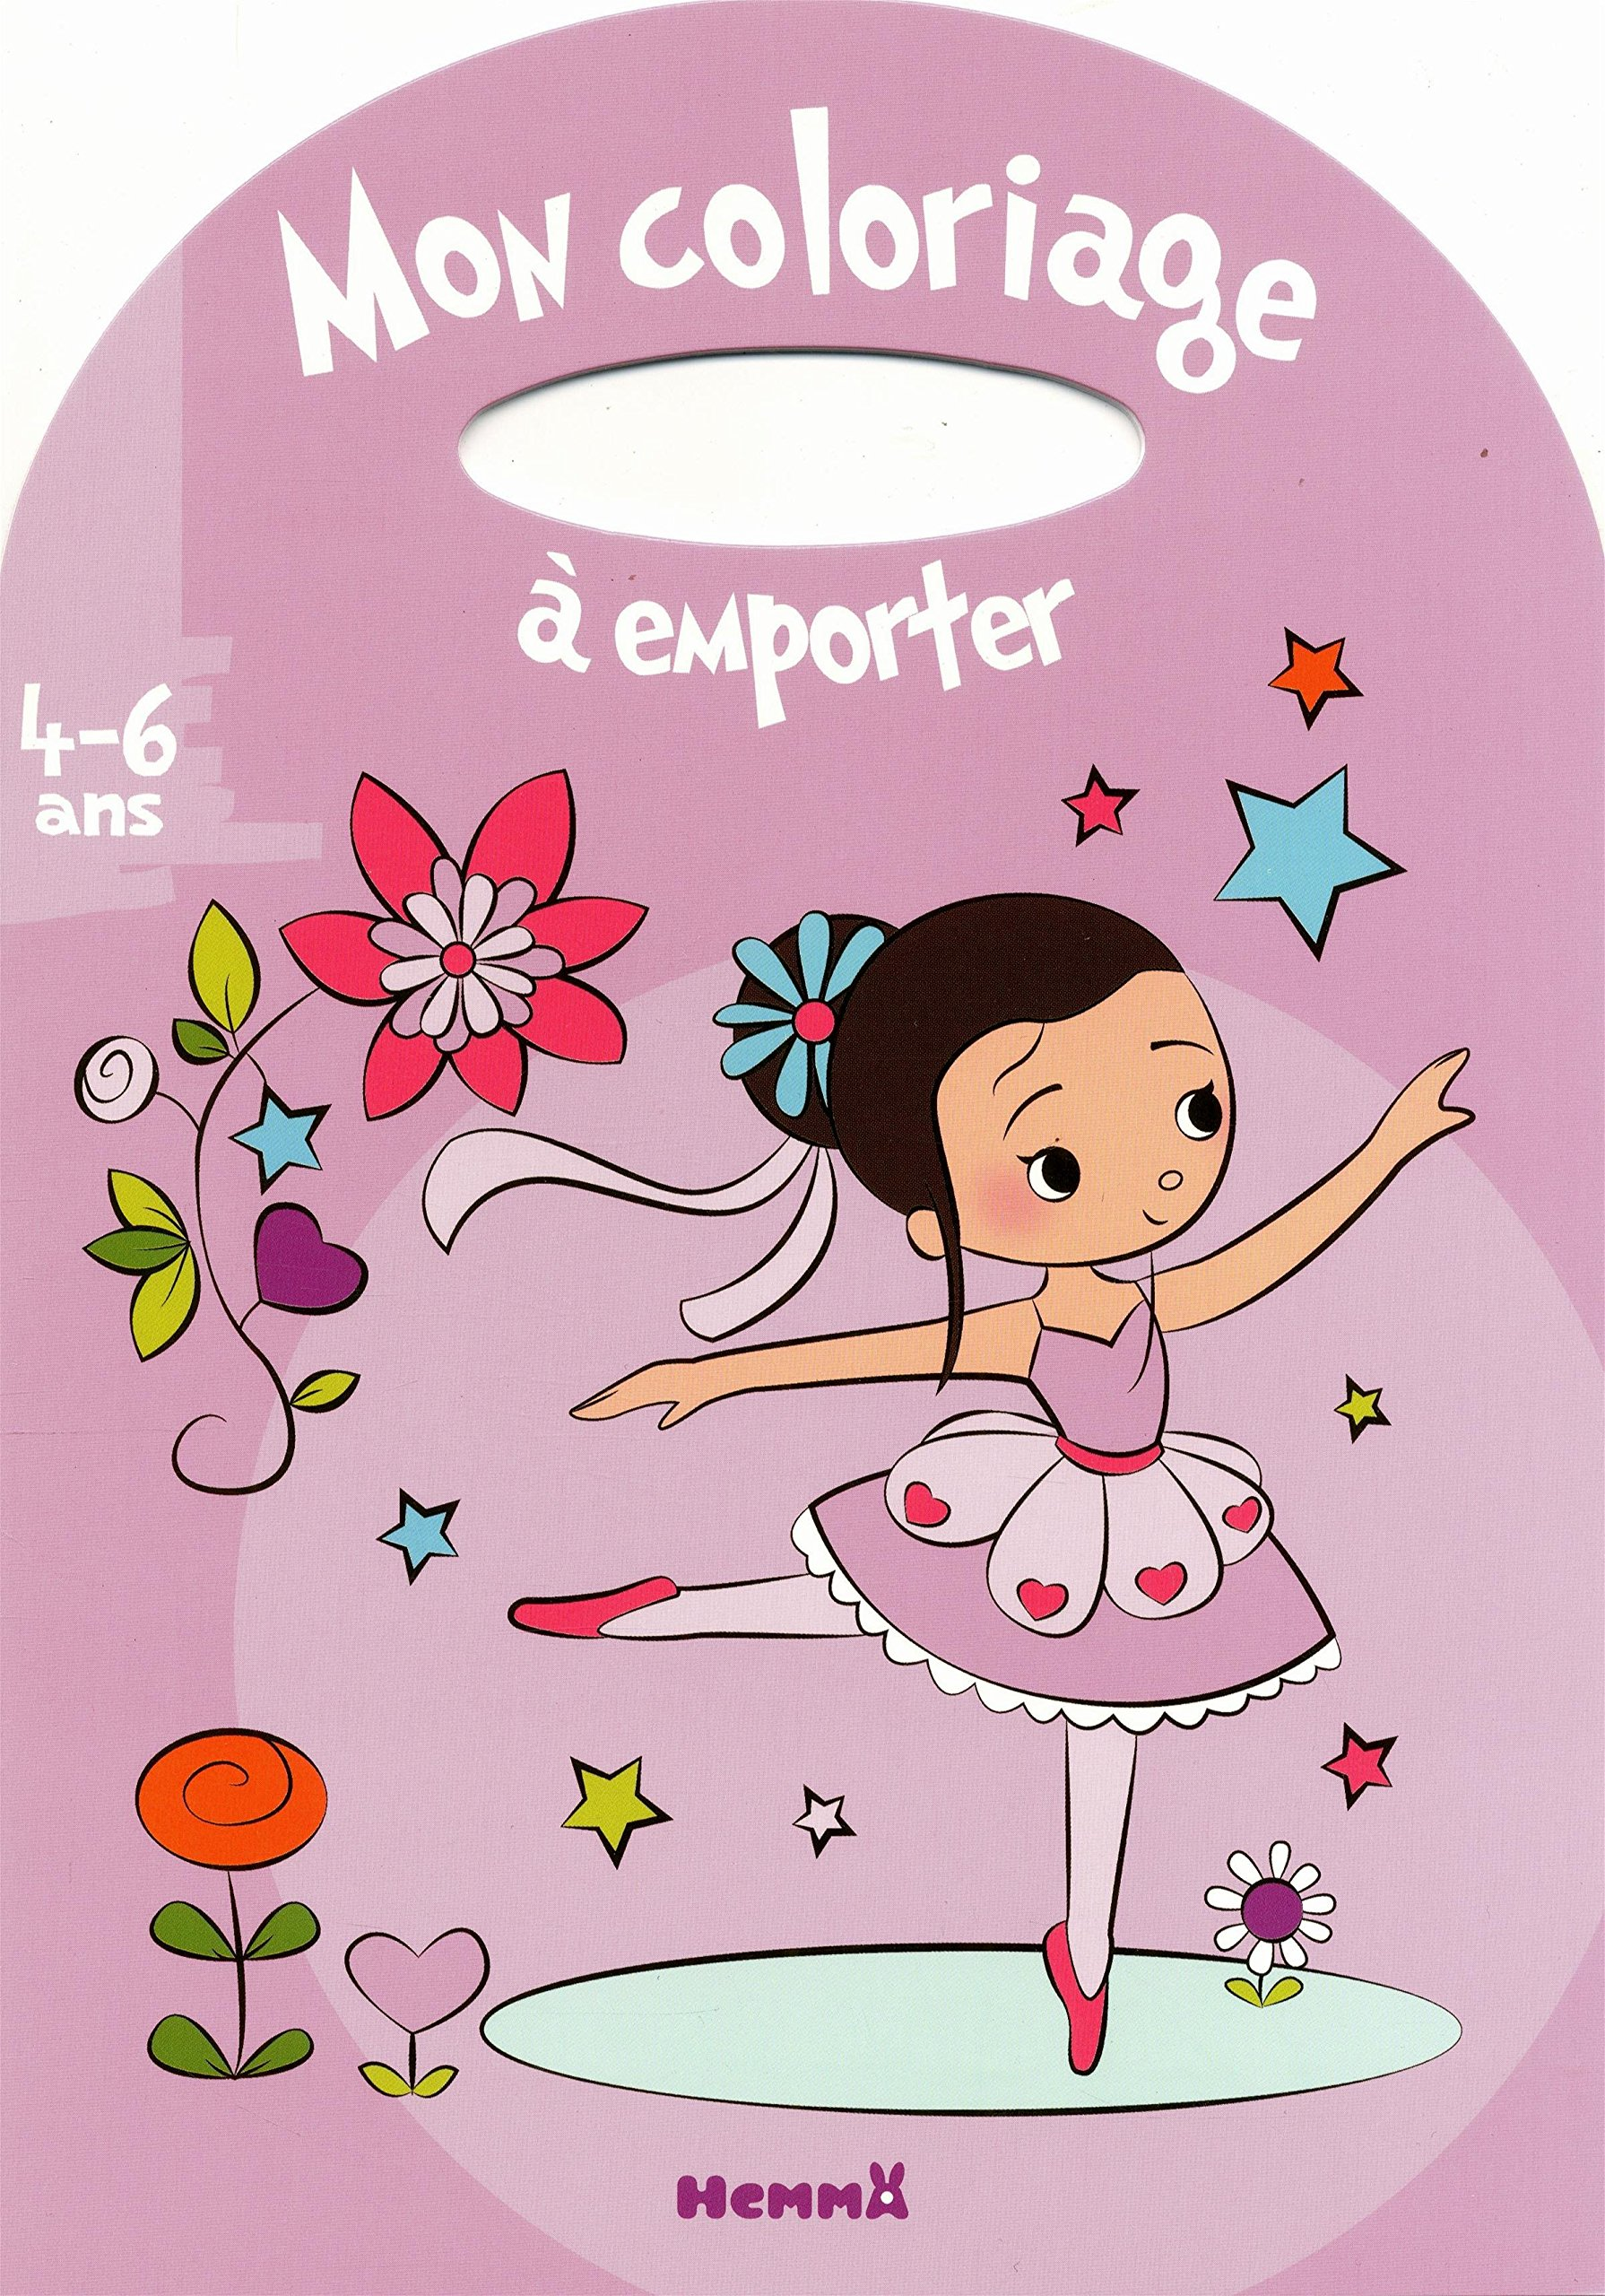 Amazon Mon coloriage  emporter 4 6 ans fille Estelle Madeddu Livres